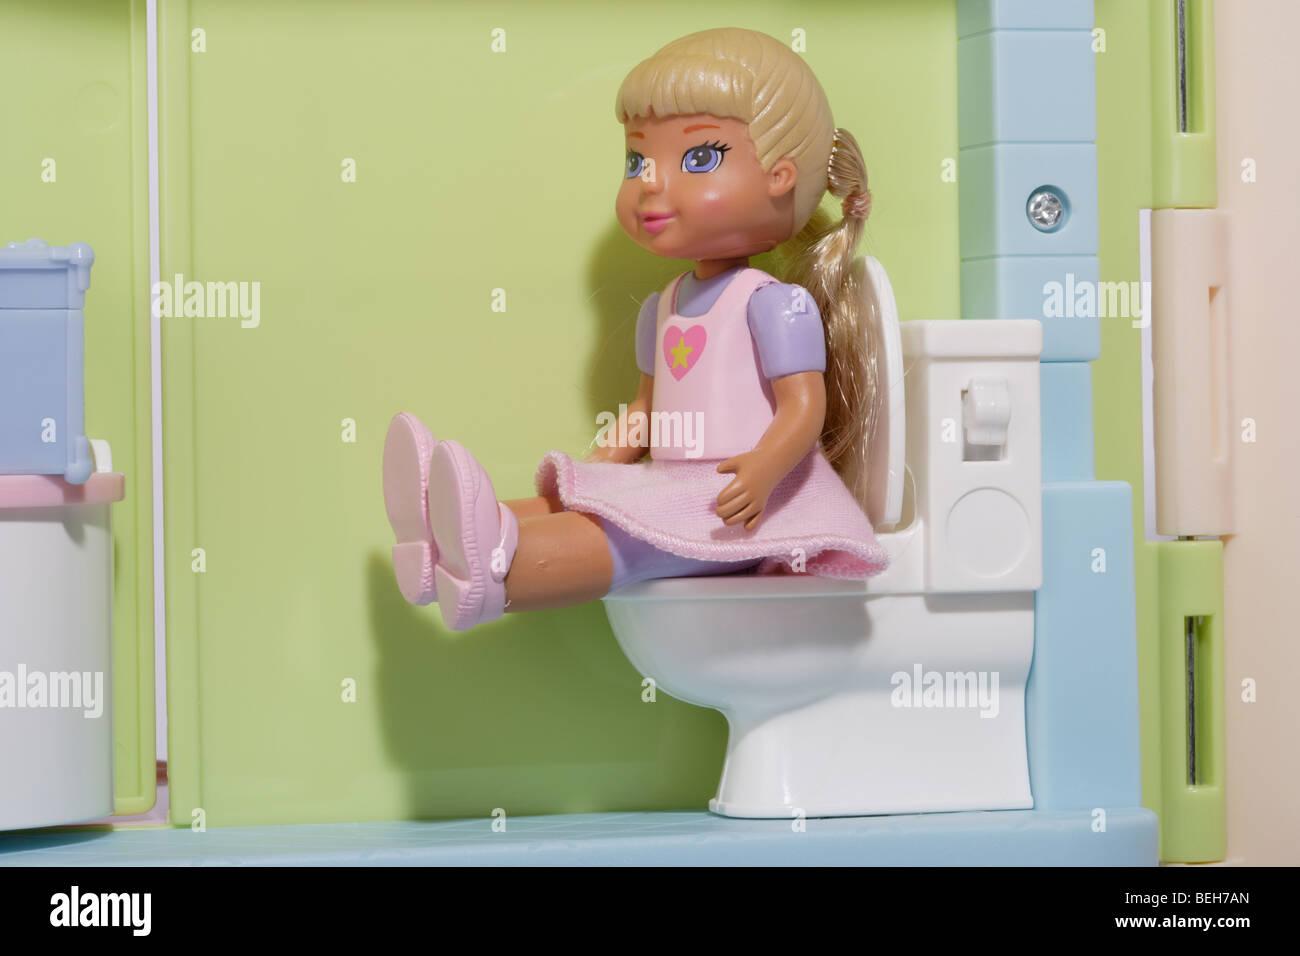 Bambine bambola in bagno Immagini Stock